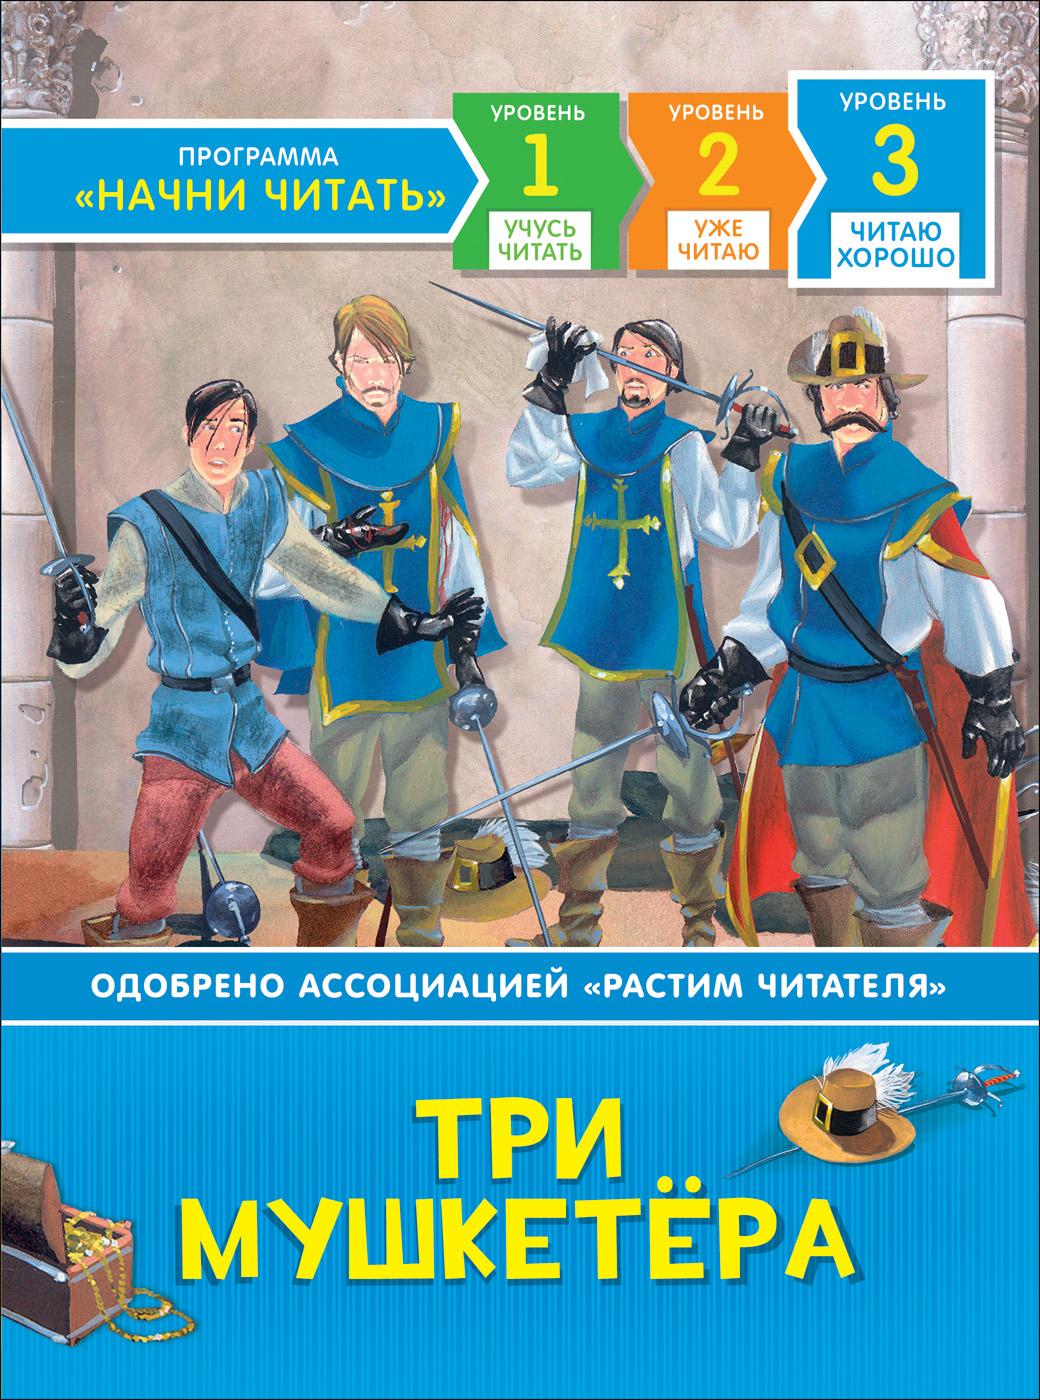 Три мушкетера: Уровень 3: Читаю хорошо